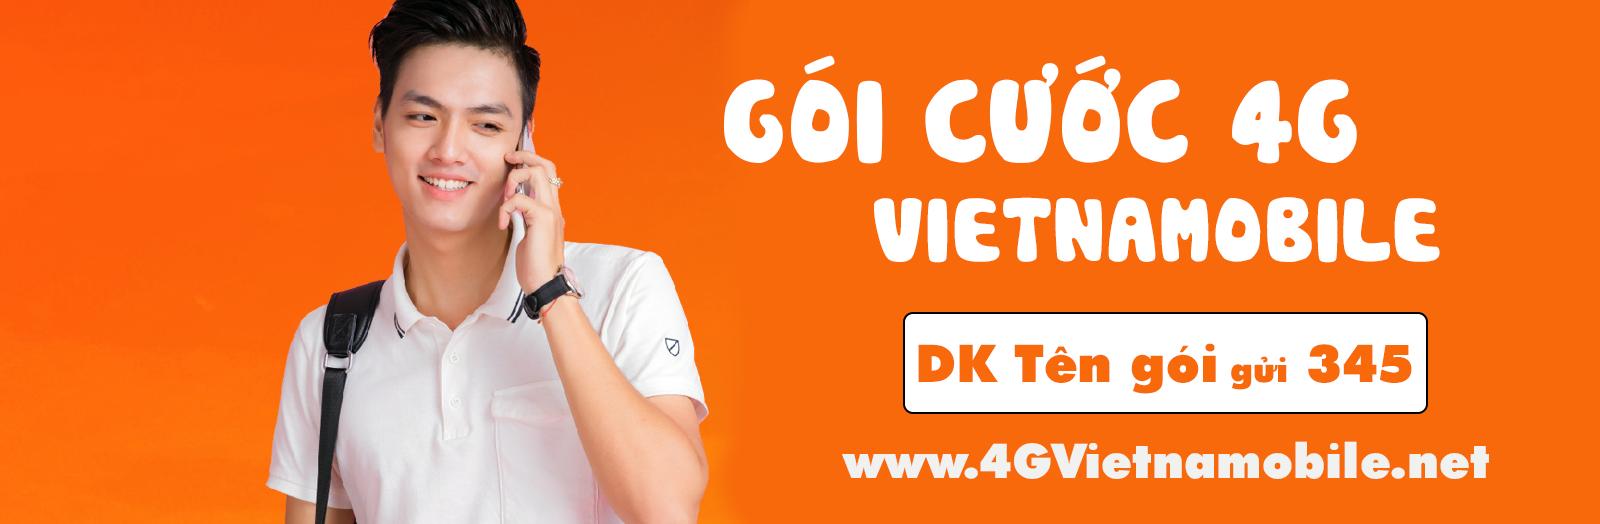 Giá các gói cước 4G Vietnamobile ưu đãi khủng nhất 2021